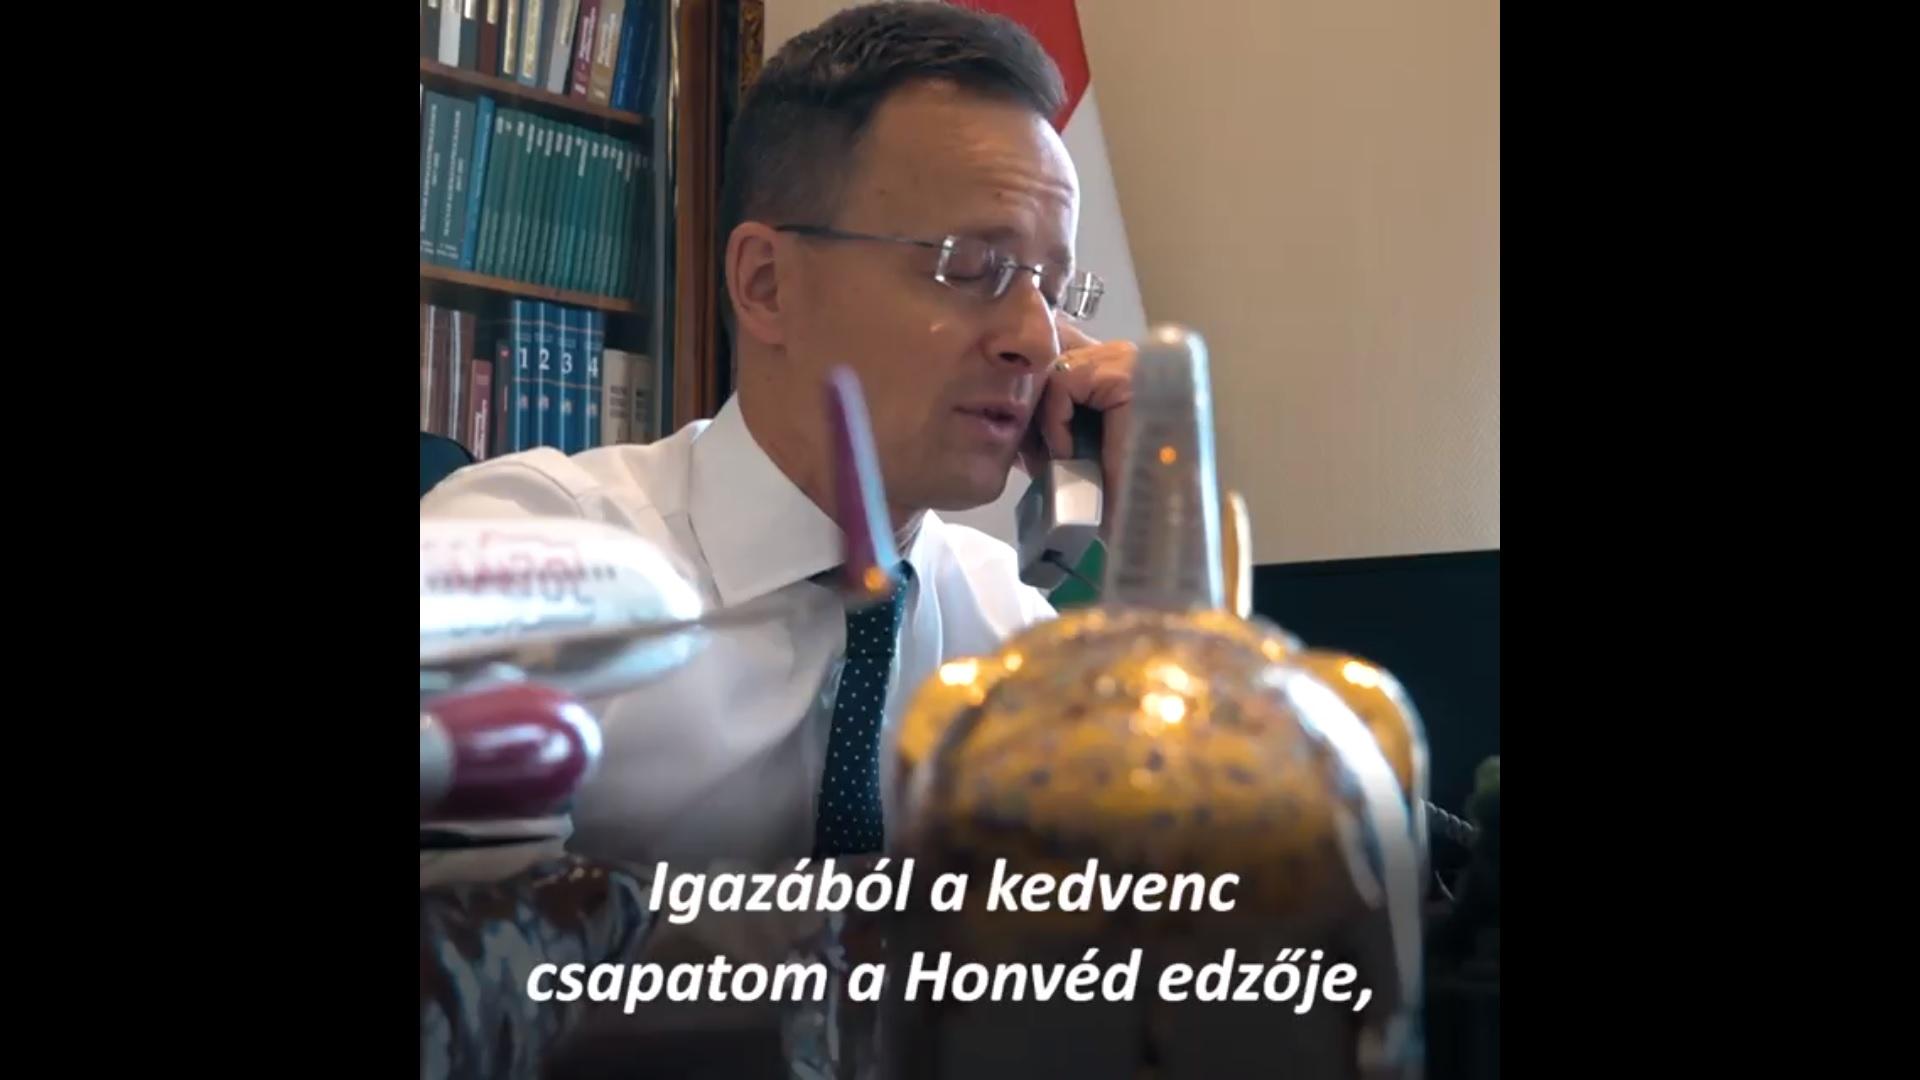 Szijjártó felvette a kapcsolatot az izraeli külügyminiszterrel, hogy a Honvédról és Pisont Istvánról beszélgessenek